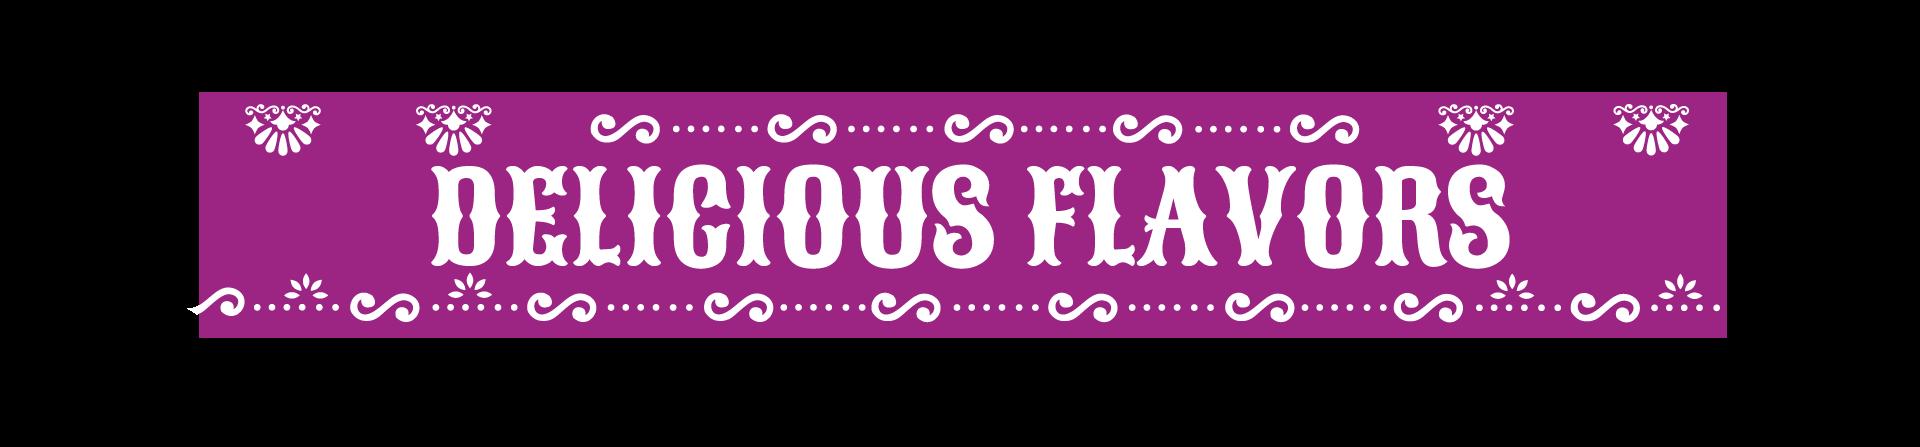 Delicious-Flavors-Title